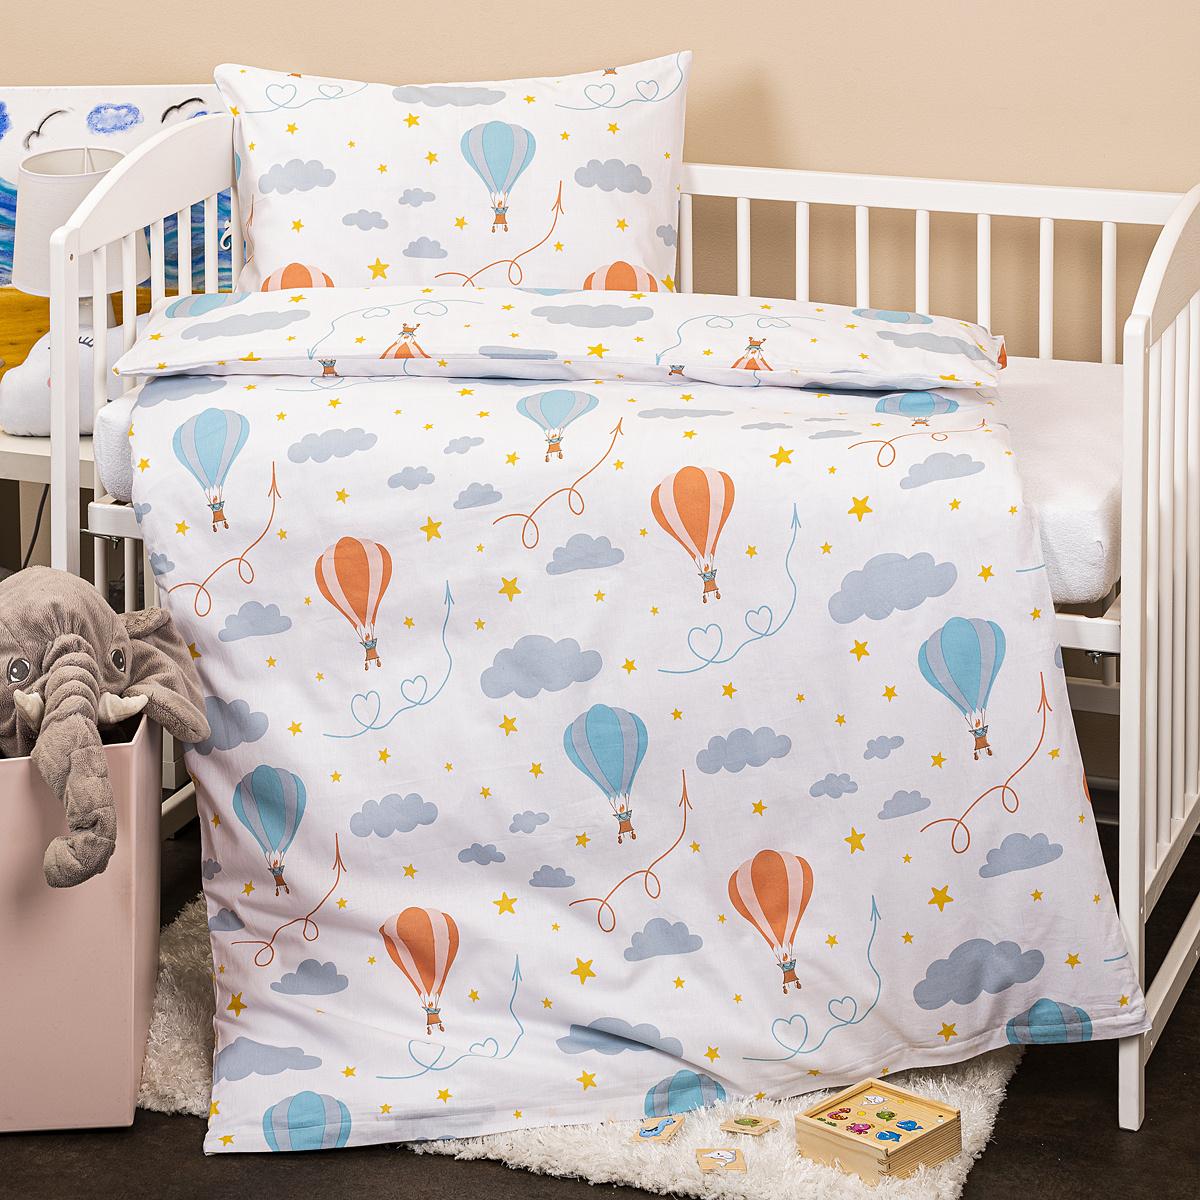 4Home Detské bavlnené obliečky do postieľky Mráčky, 100 x 135 cm, 40 x 60 cm